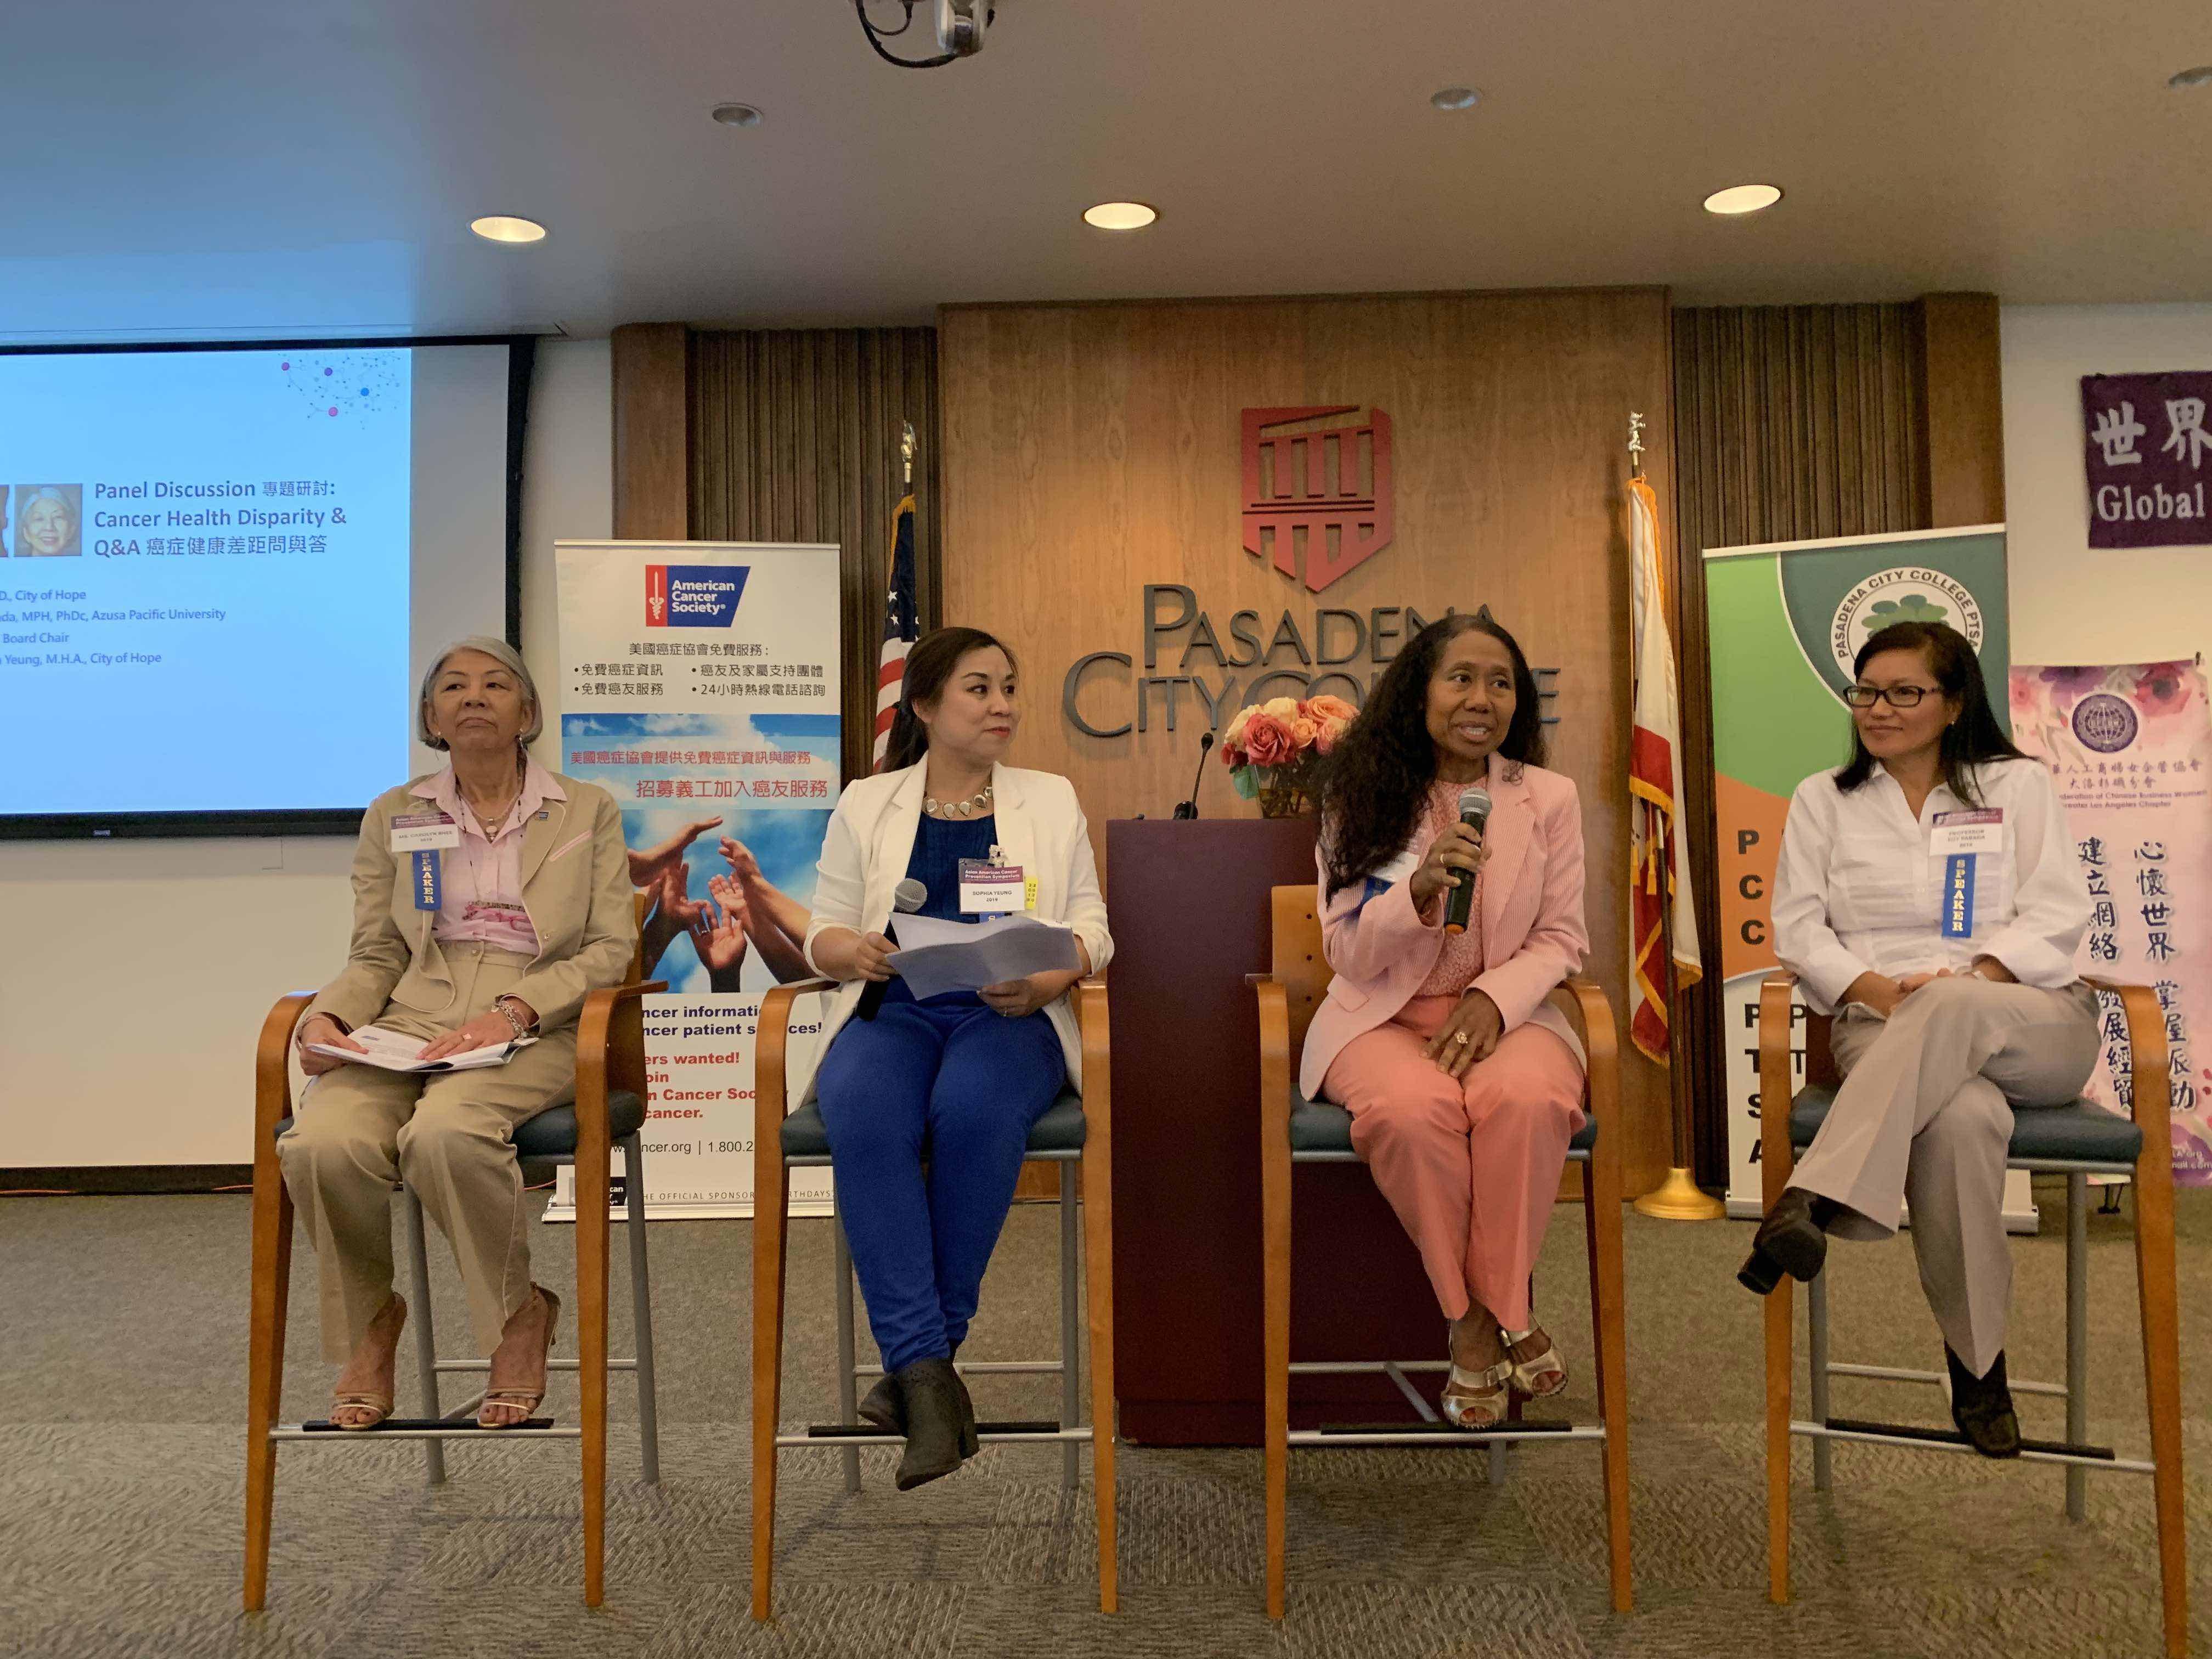 2019年亞裔癌症預防研討會在帕沙迪納舉行,醫療專家探討如何更好防癌抗癌。記者隋懿軒攝